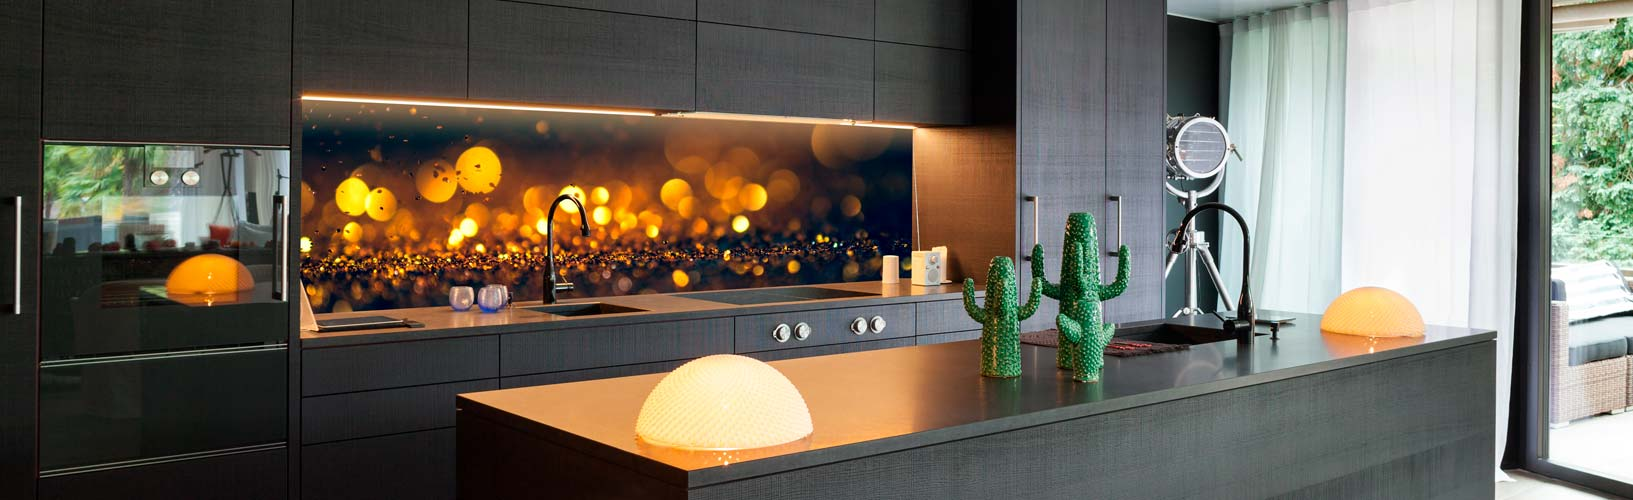 Küchenrückwand glas motiv